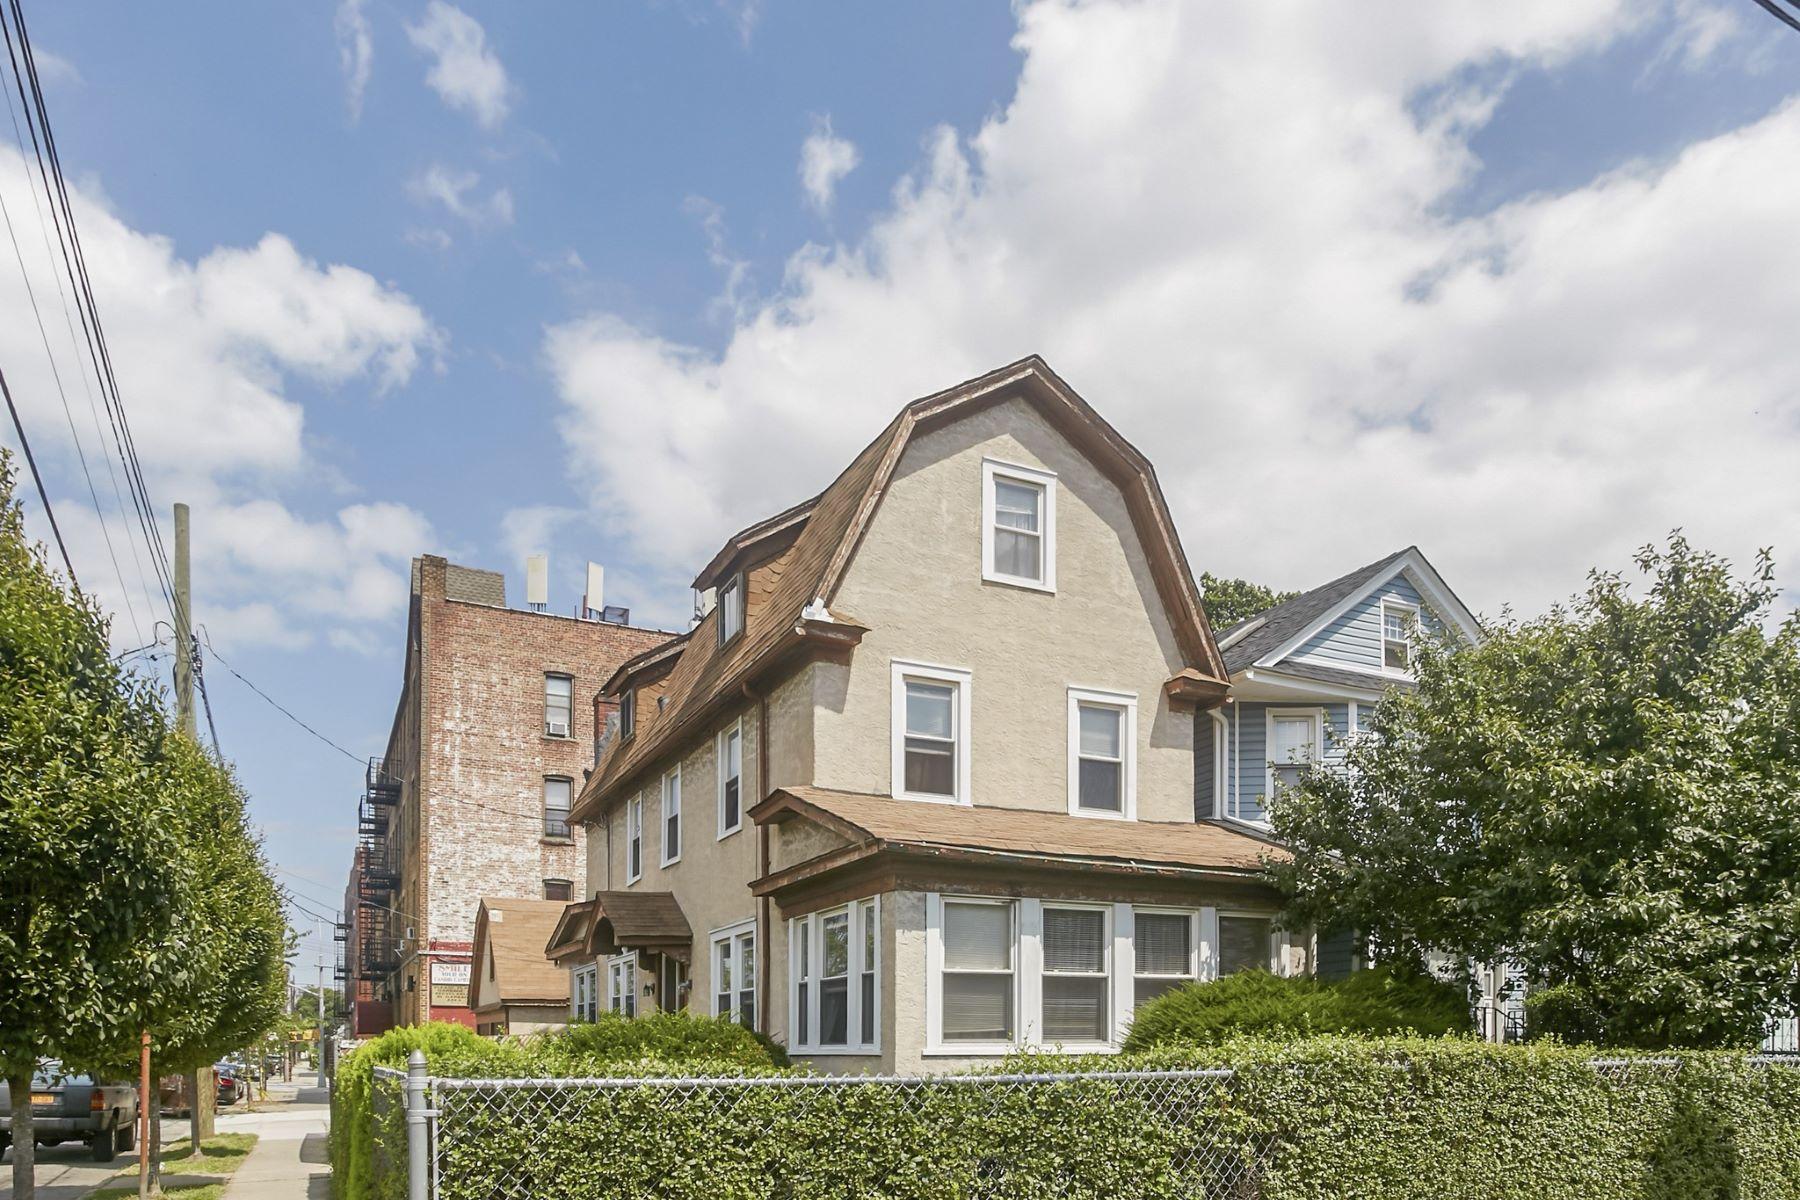 Casa Unifamiliar por un Venta en 118-04 91st Avenue , Richmond Hill, NY 11418 118-04 91st Avenue Richmond Hill, Nueva York 11418 Estados Unidos